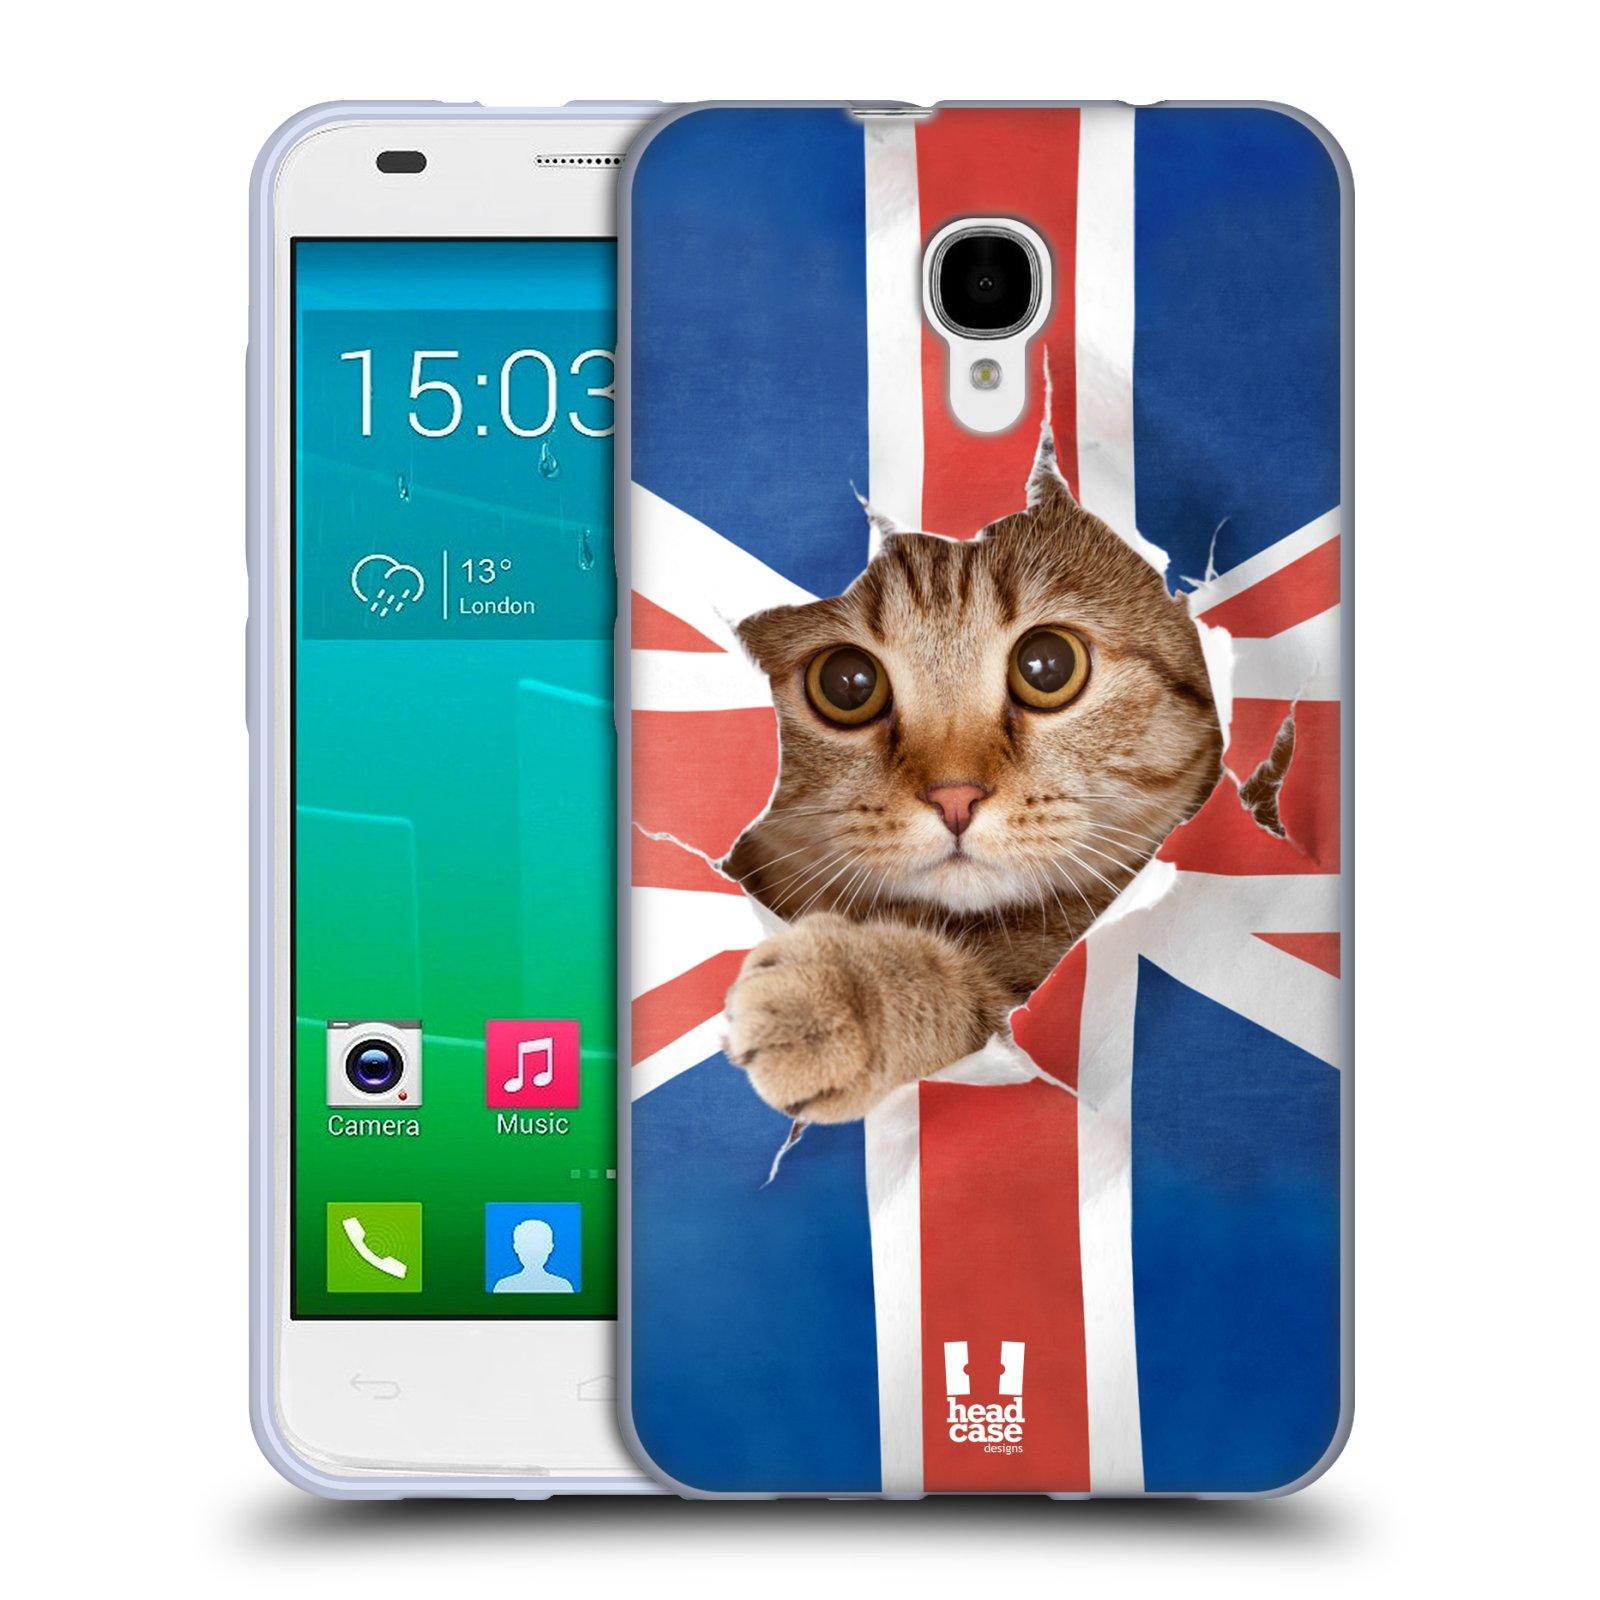 HEAD CASE silikonový obal na mobil Alcatel Idol 2 S OT-6050 vzor Legrační zvířátka kočička a Velká Británie vlajka